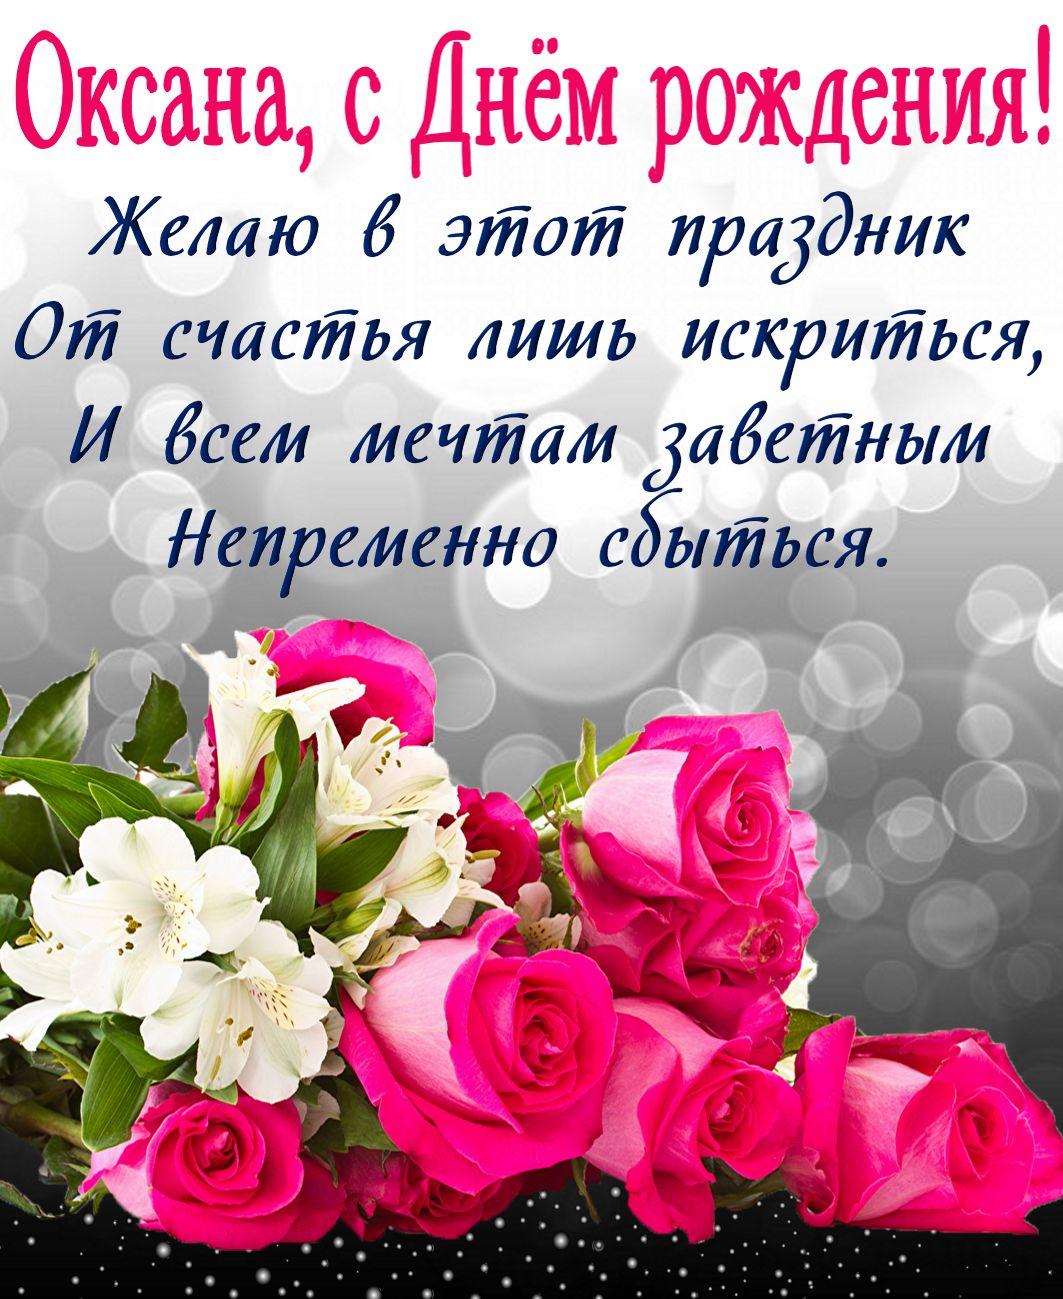 Поздравления с днем рождения женщине красивые в стихах и картинках любови, сделать новогодней открытки